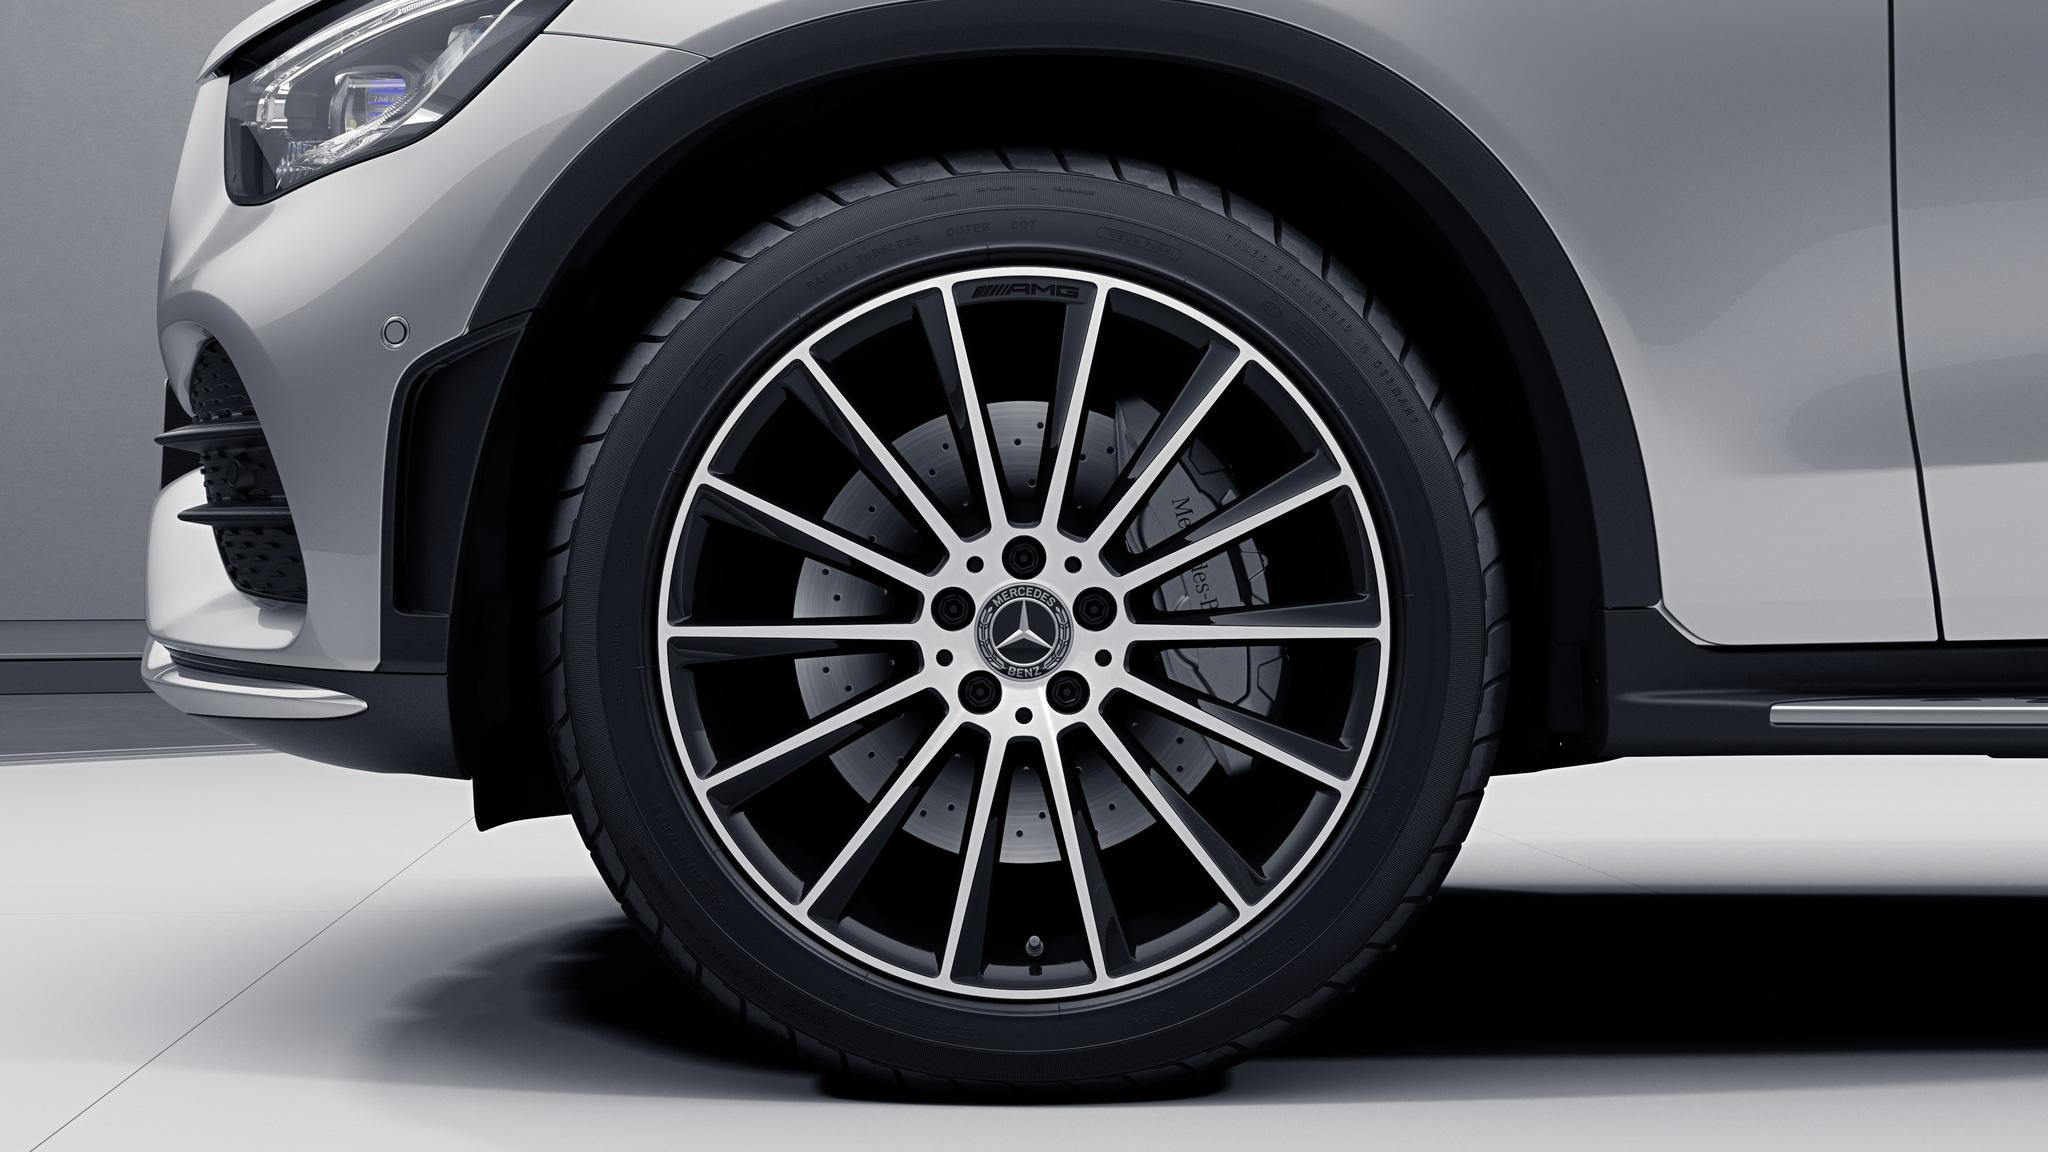 Jantes AMG 20 multibranches de la Mercedes-Benz GLC